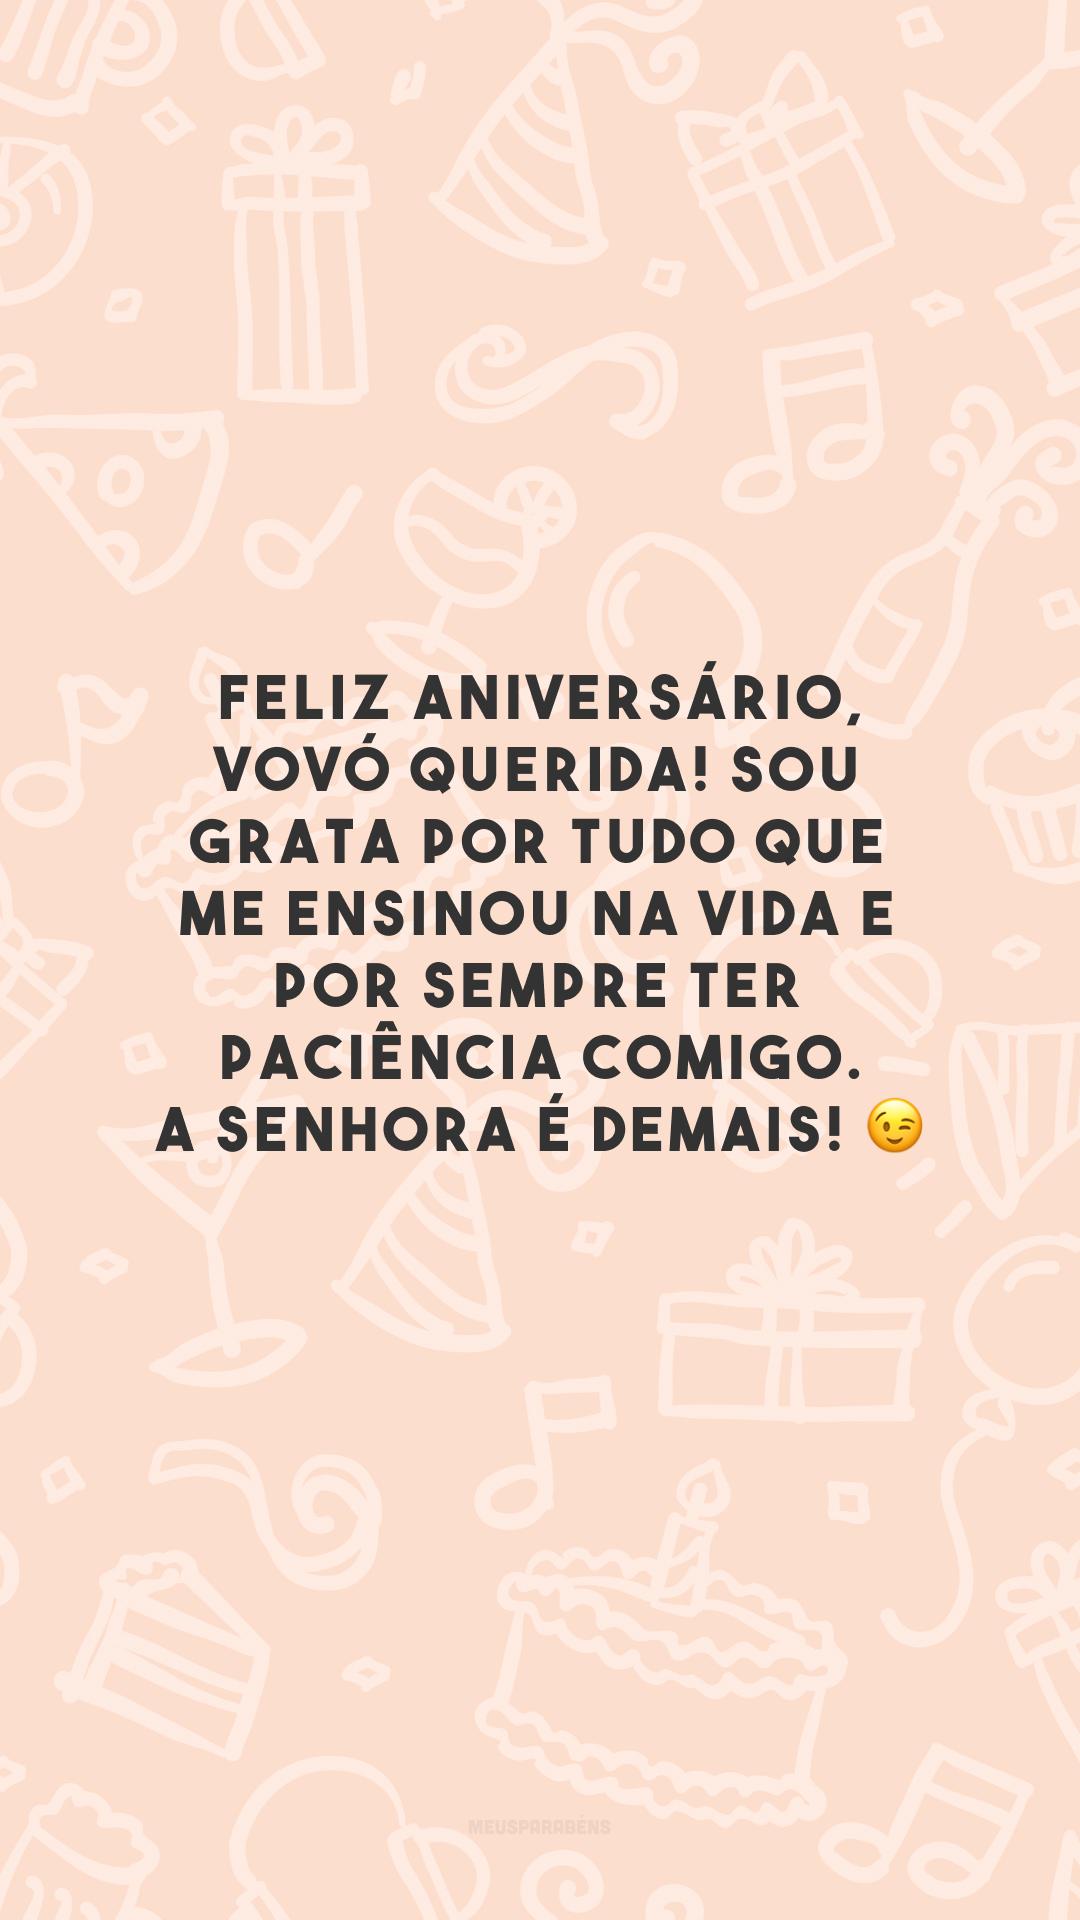 Feliz aniversário, vovó querida! Sou grata por tudo que me ensinou na vida e por sempre ter paciência comigo. A senhora é demais! 😉